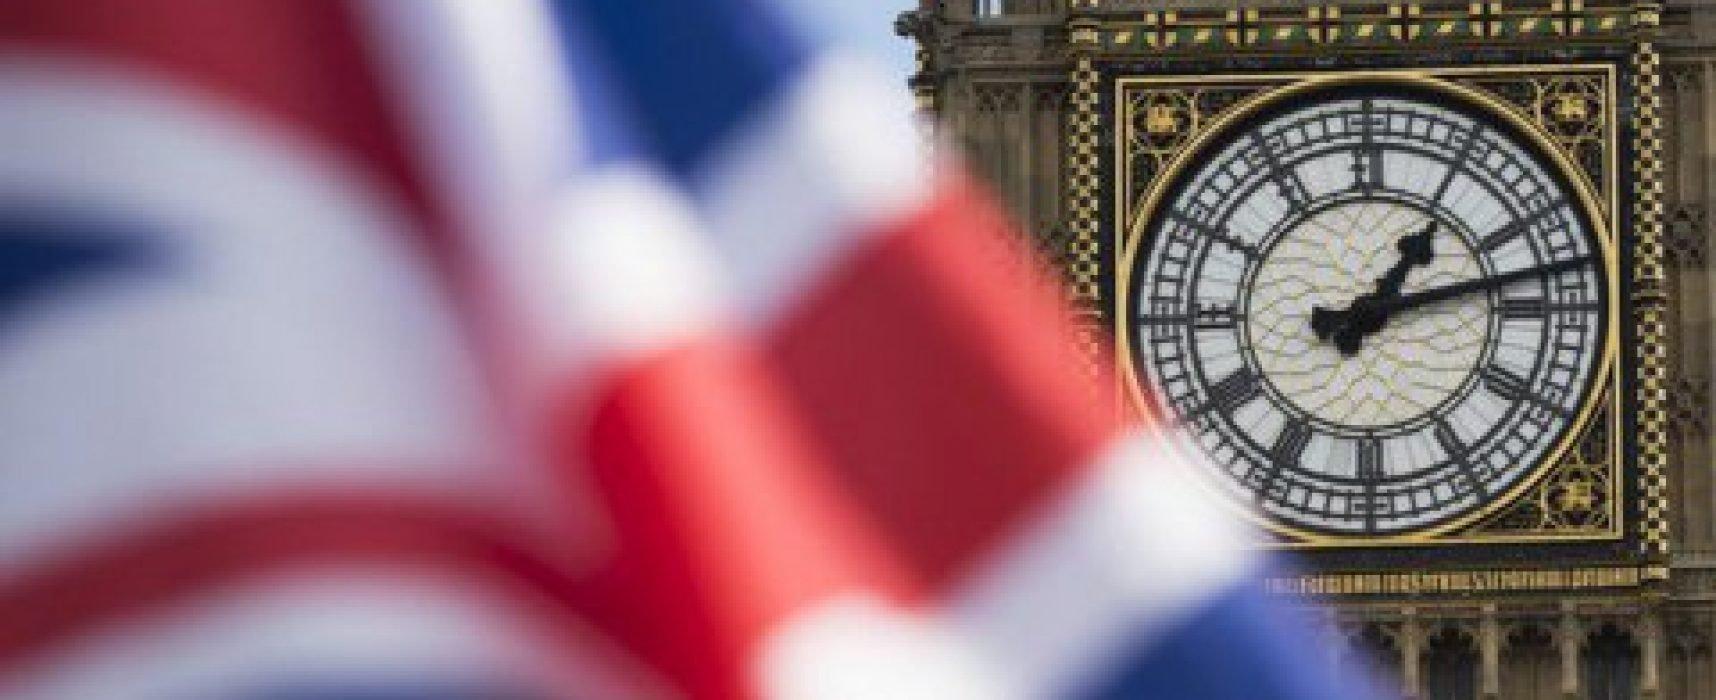 El gobierno del Reino Unido creará una unidad para combatir las noticias falsas